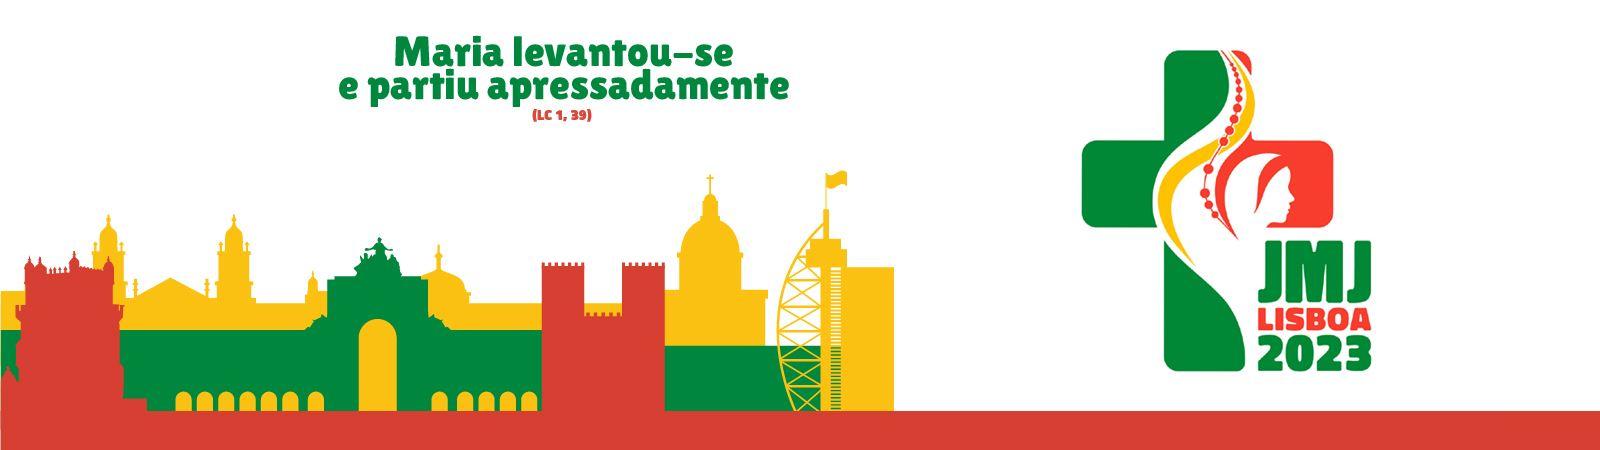 Bem vindo a Portugal!